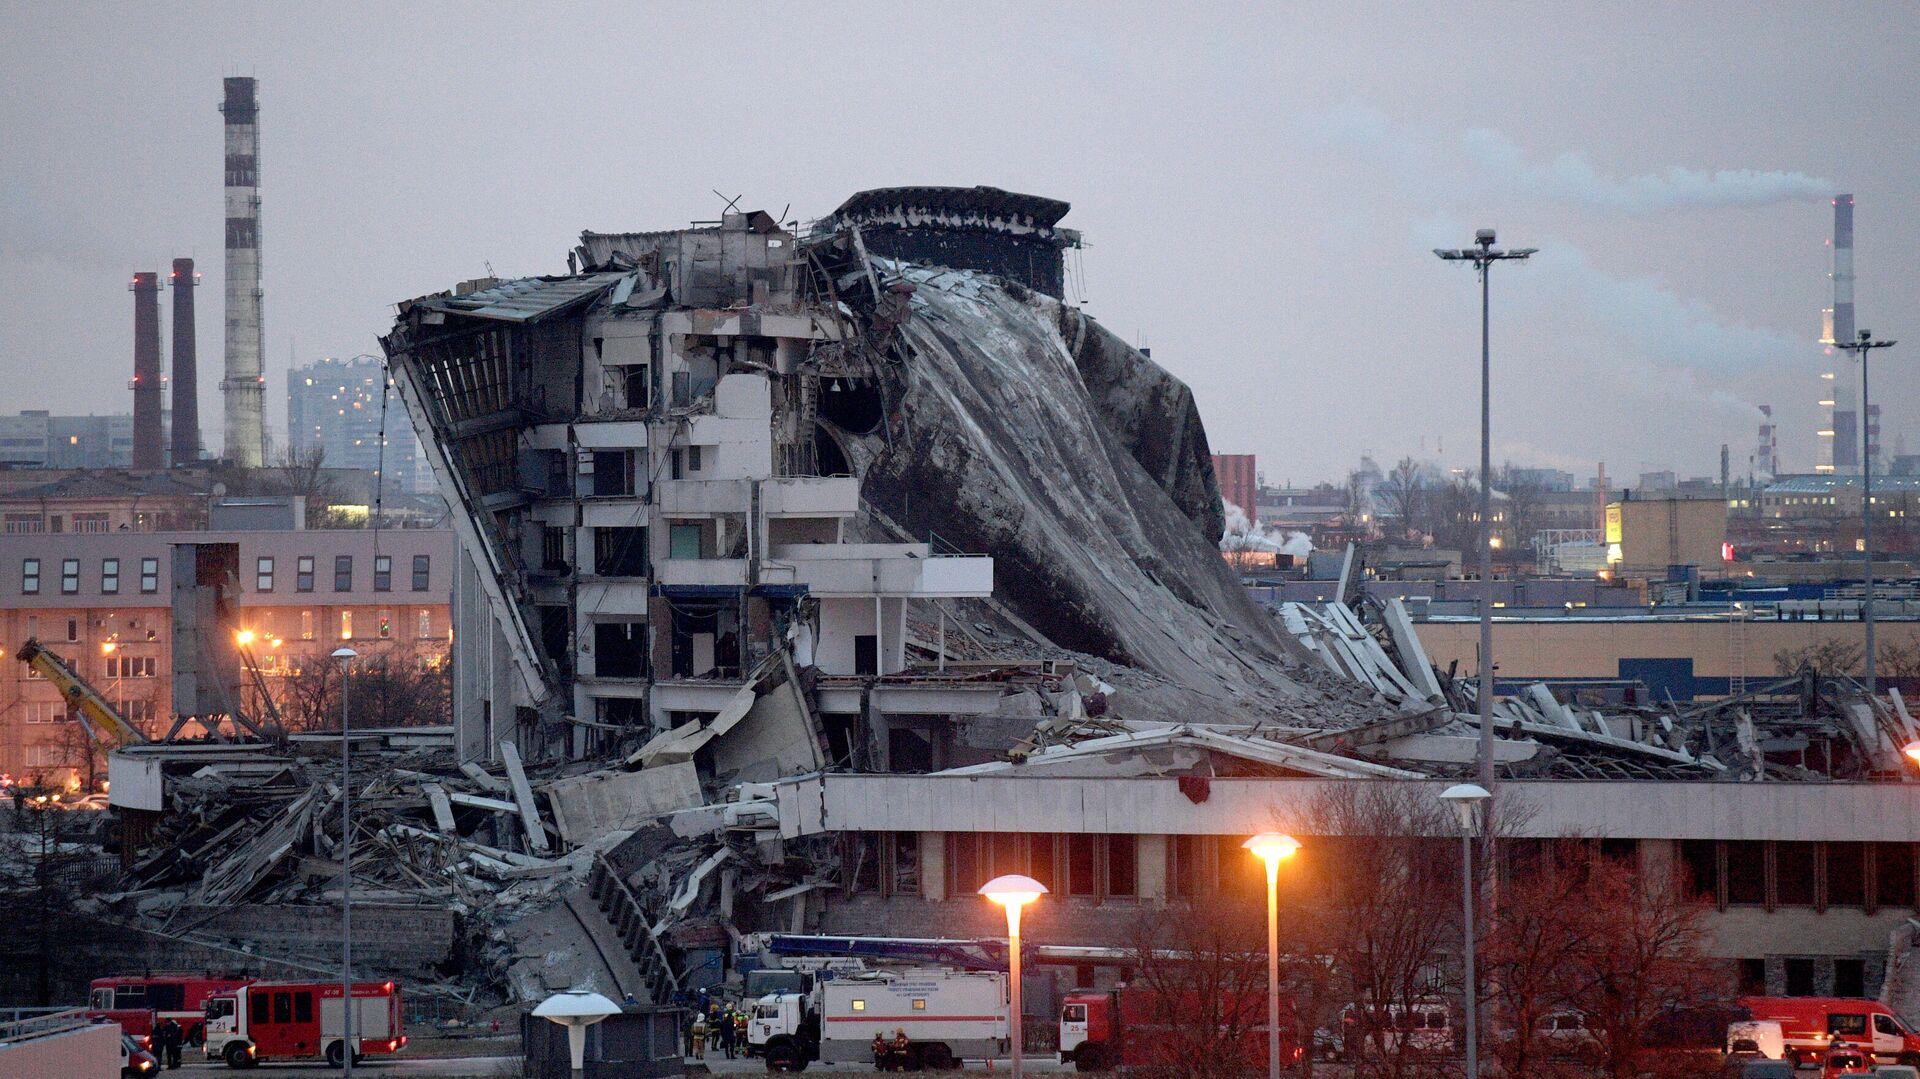 Обрушение крыши при демонтаже спортивно-концертного комплекса Петербургский - РИА Новости, 1920, 01.03.2021